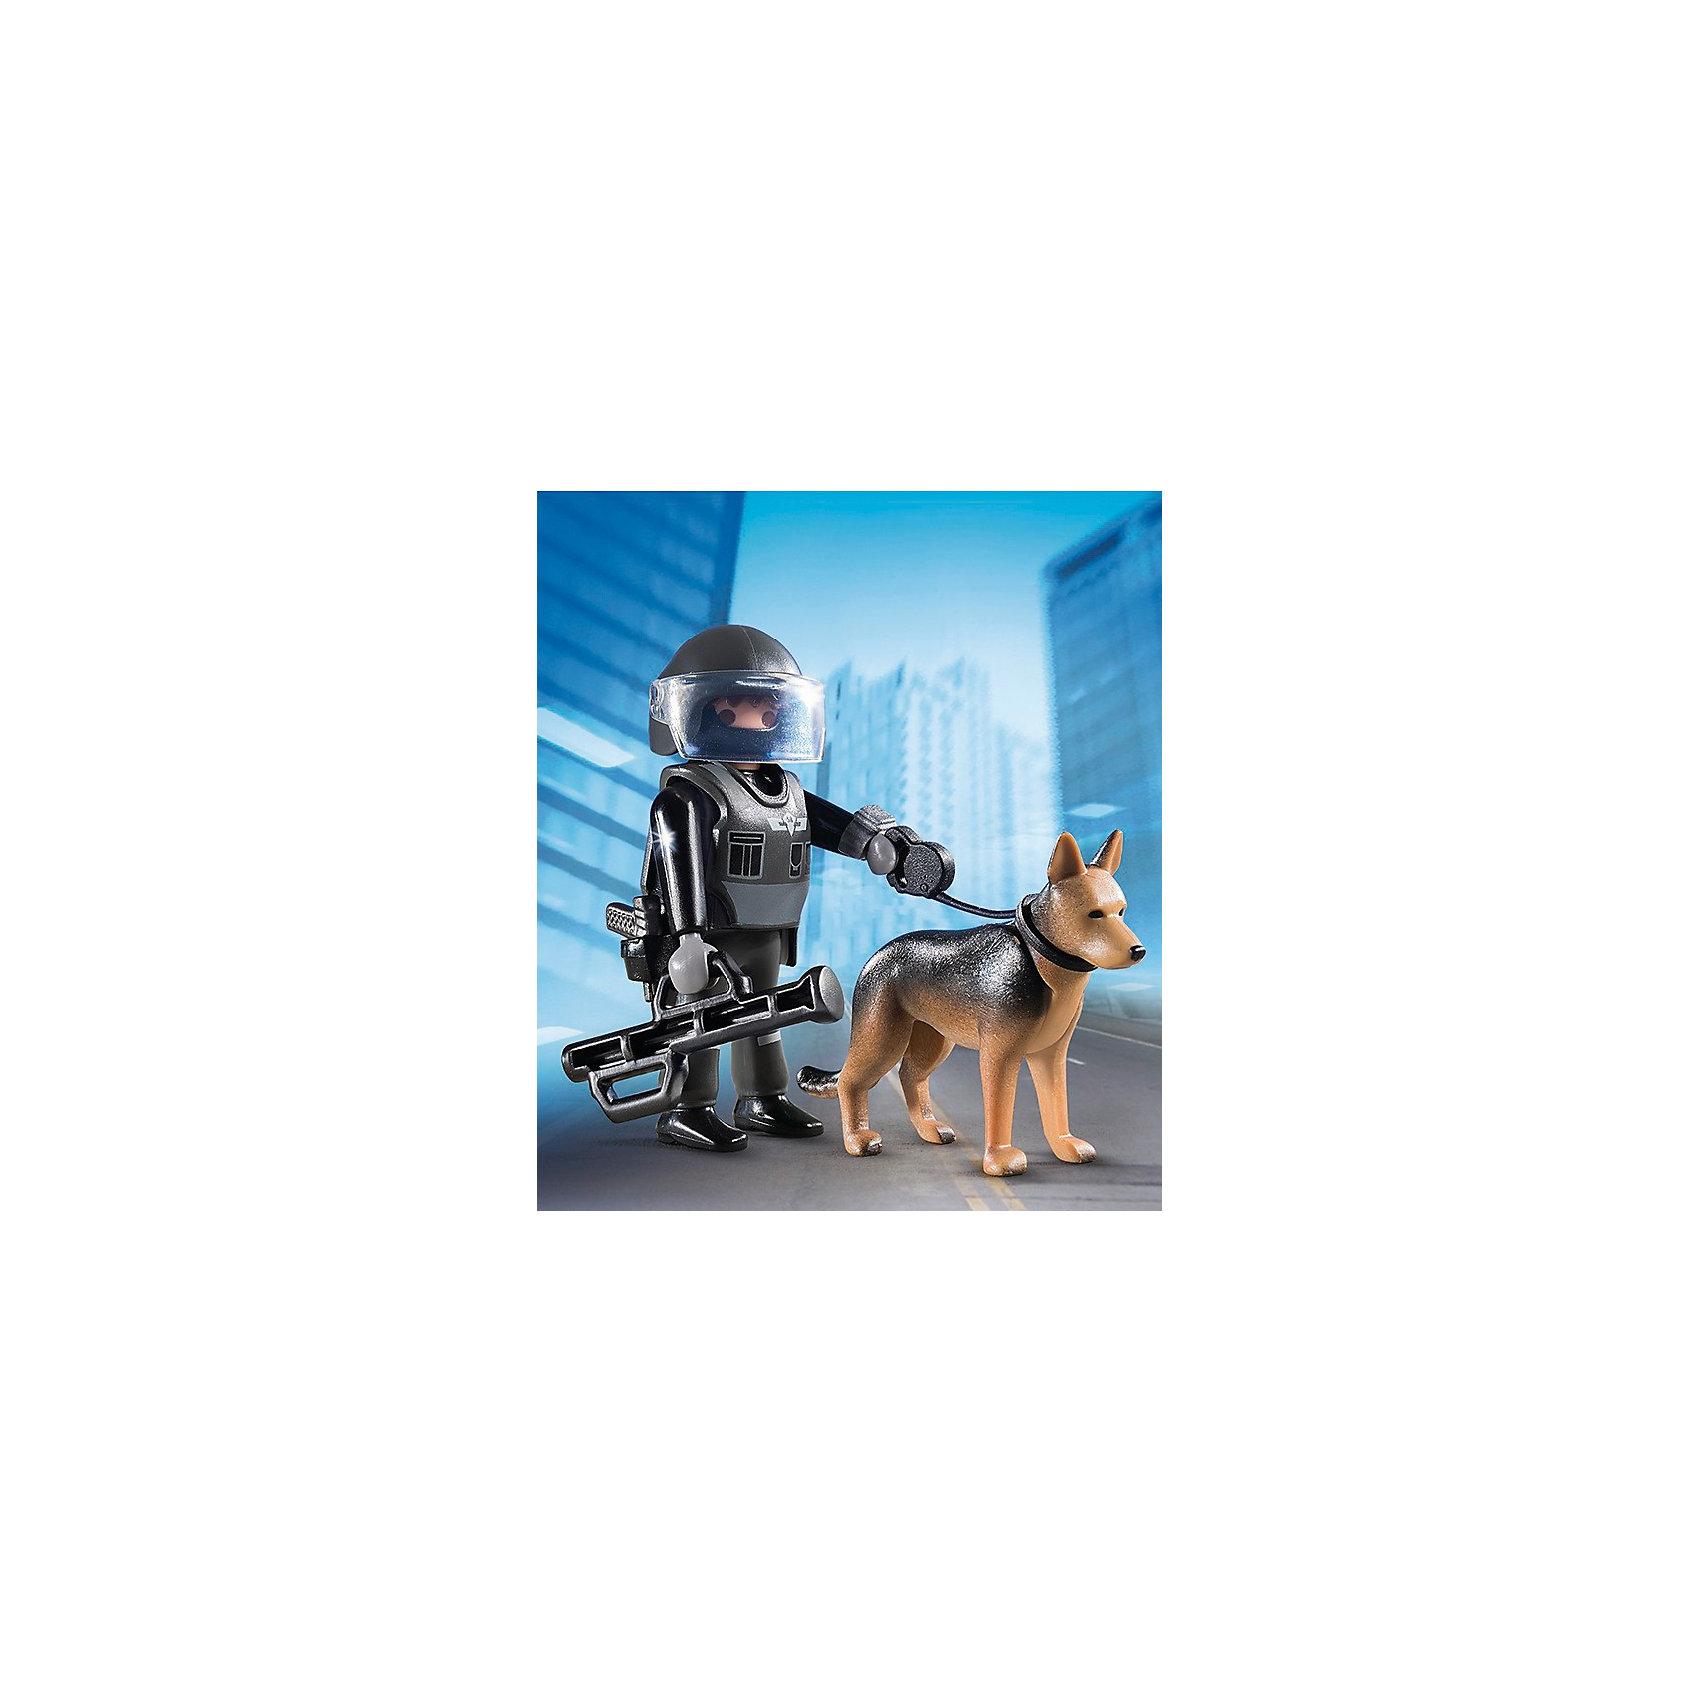 PLAYMOBIL® Экстра-набор: Полицейский спецназовец с собакой, PLAYMOBIL playmobil спасатели с носилками